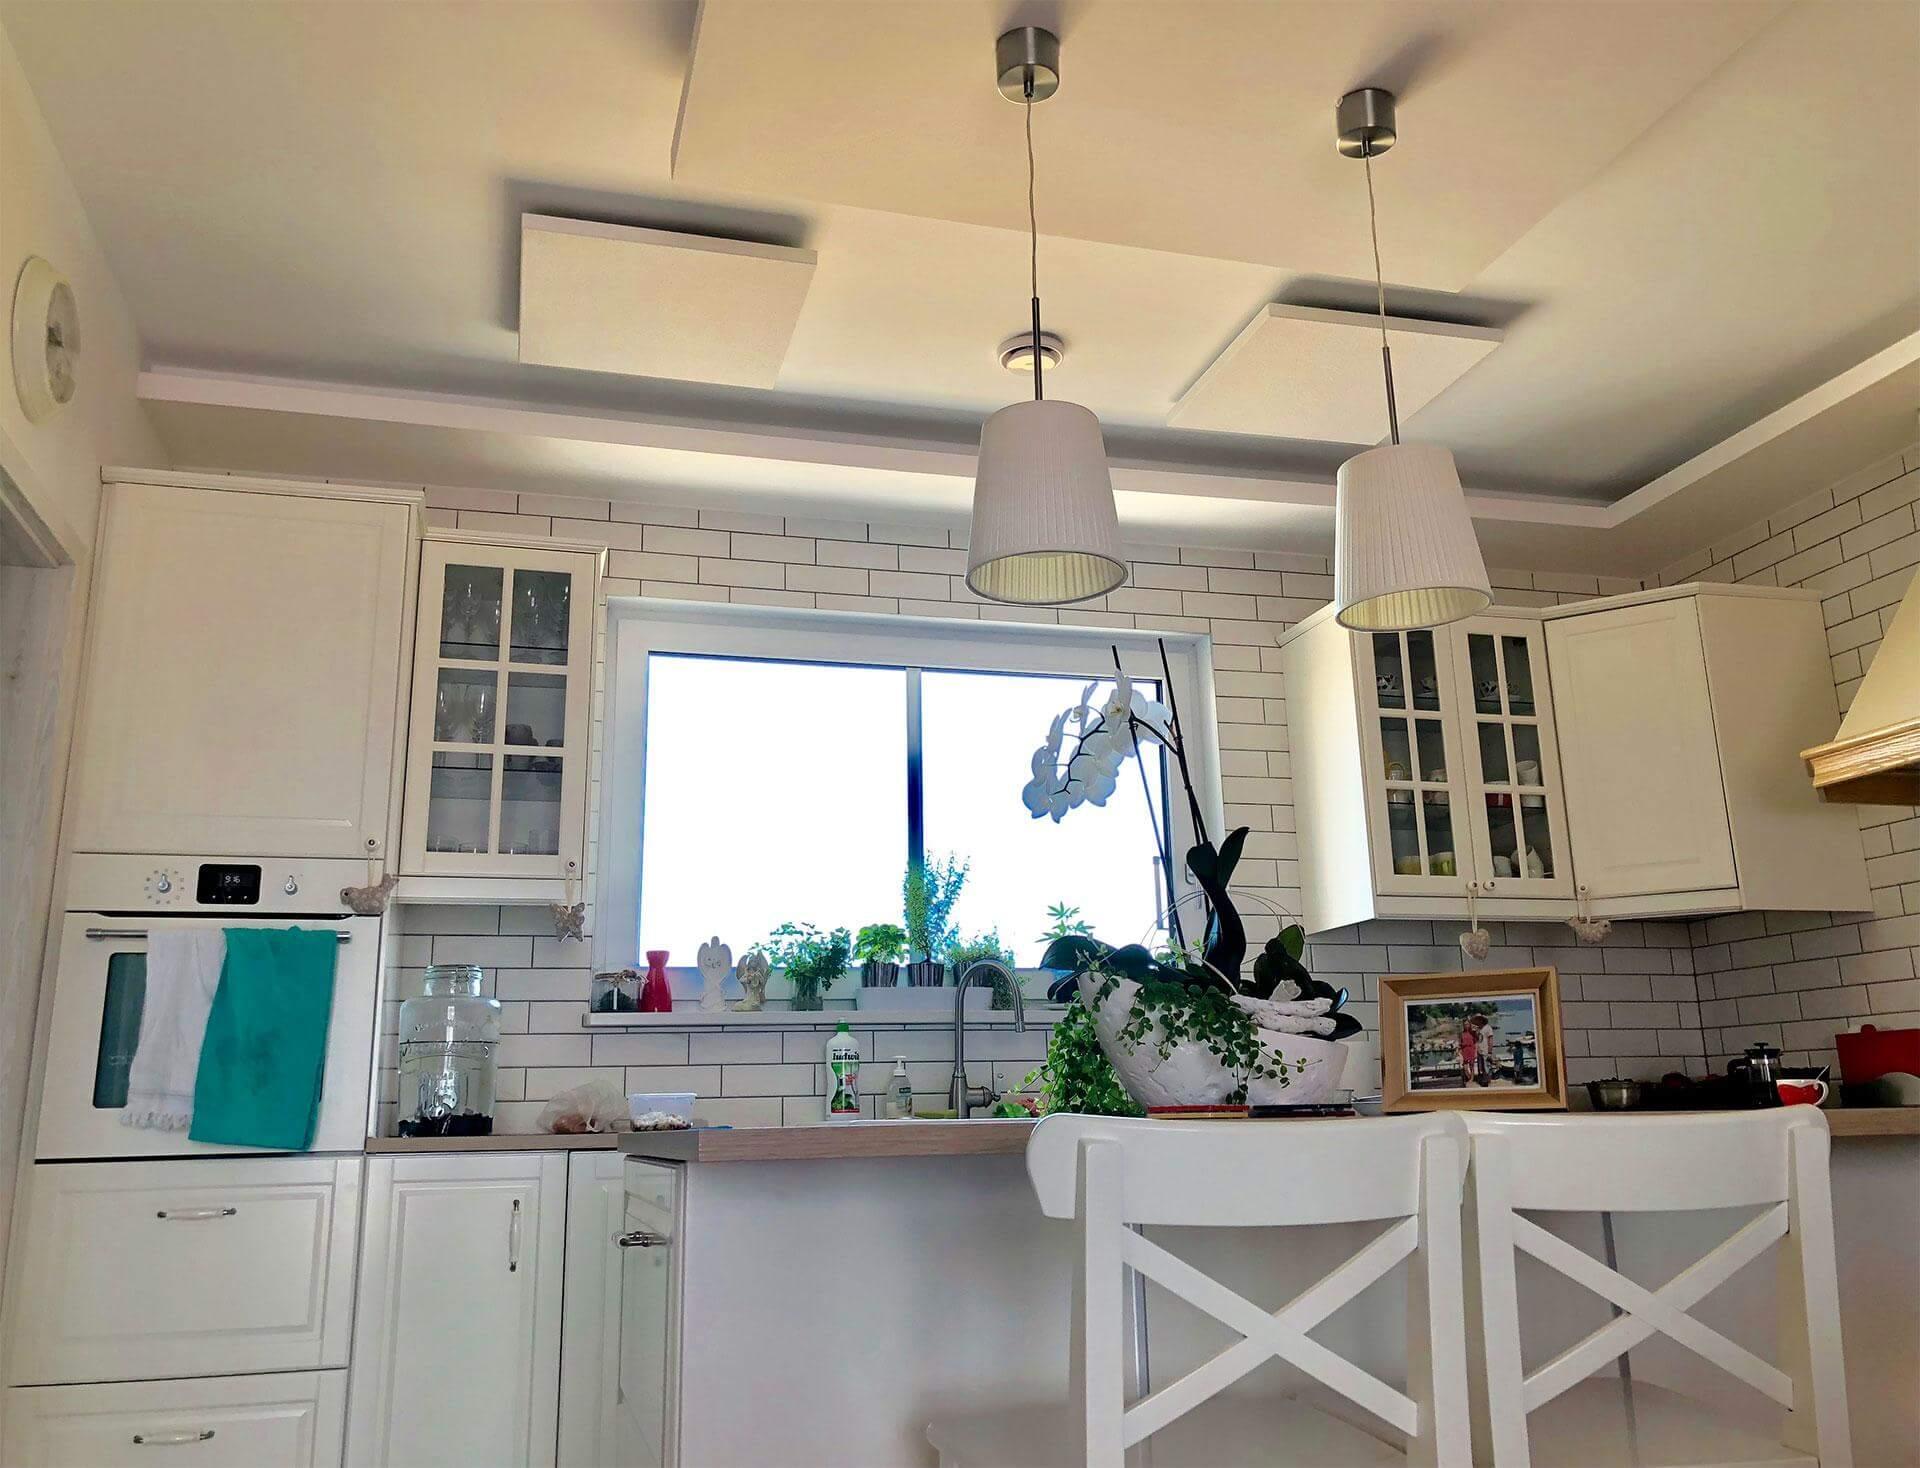 kuchnia 01 - Program czyste powietrze